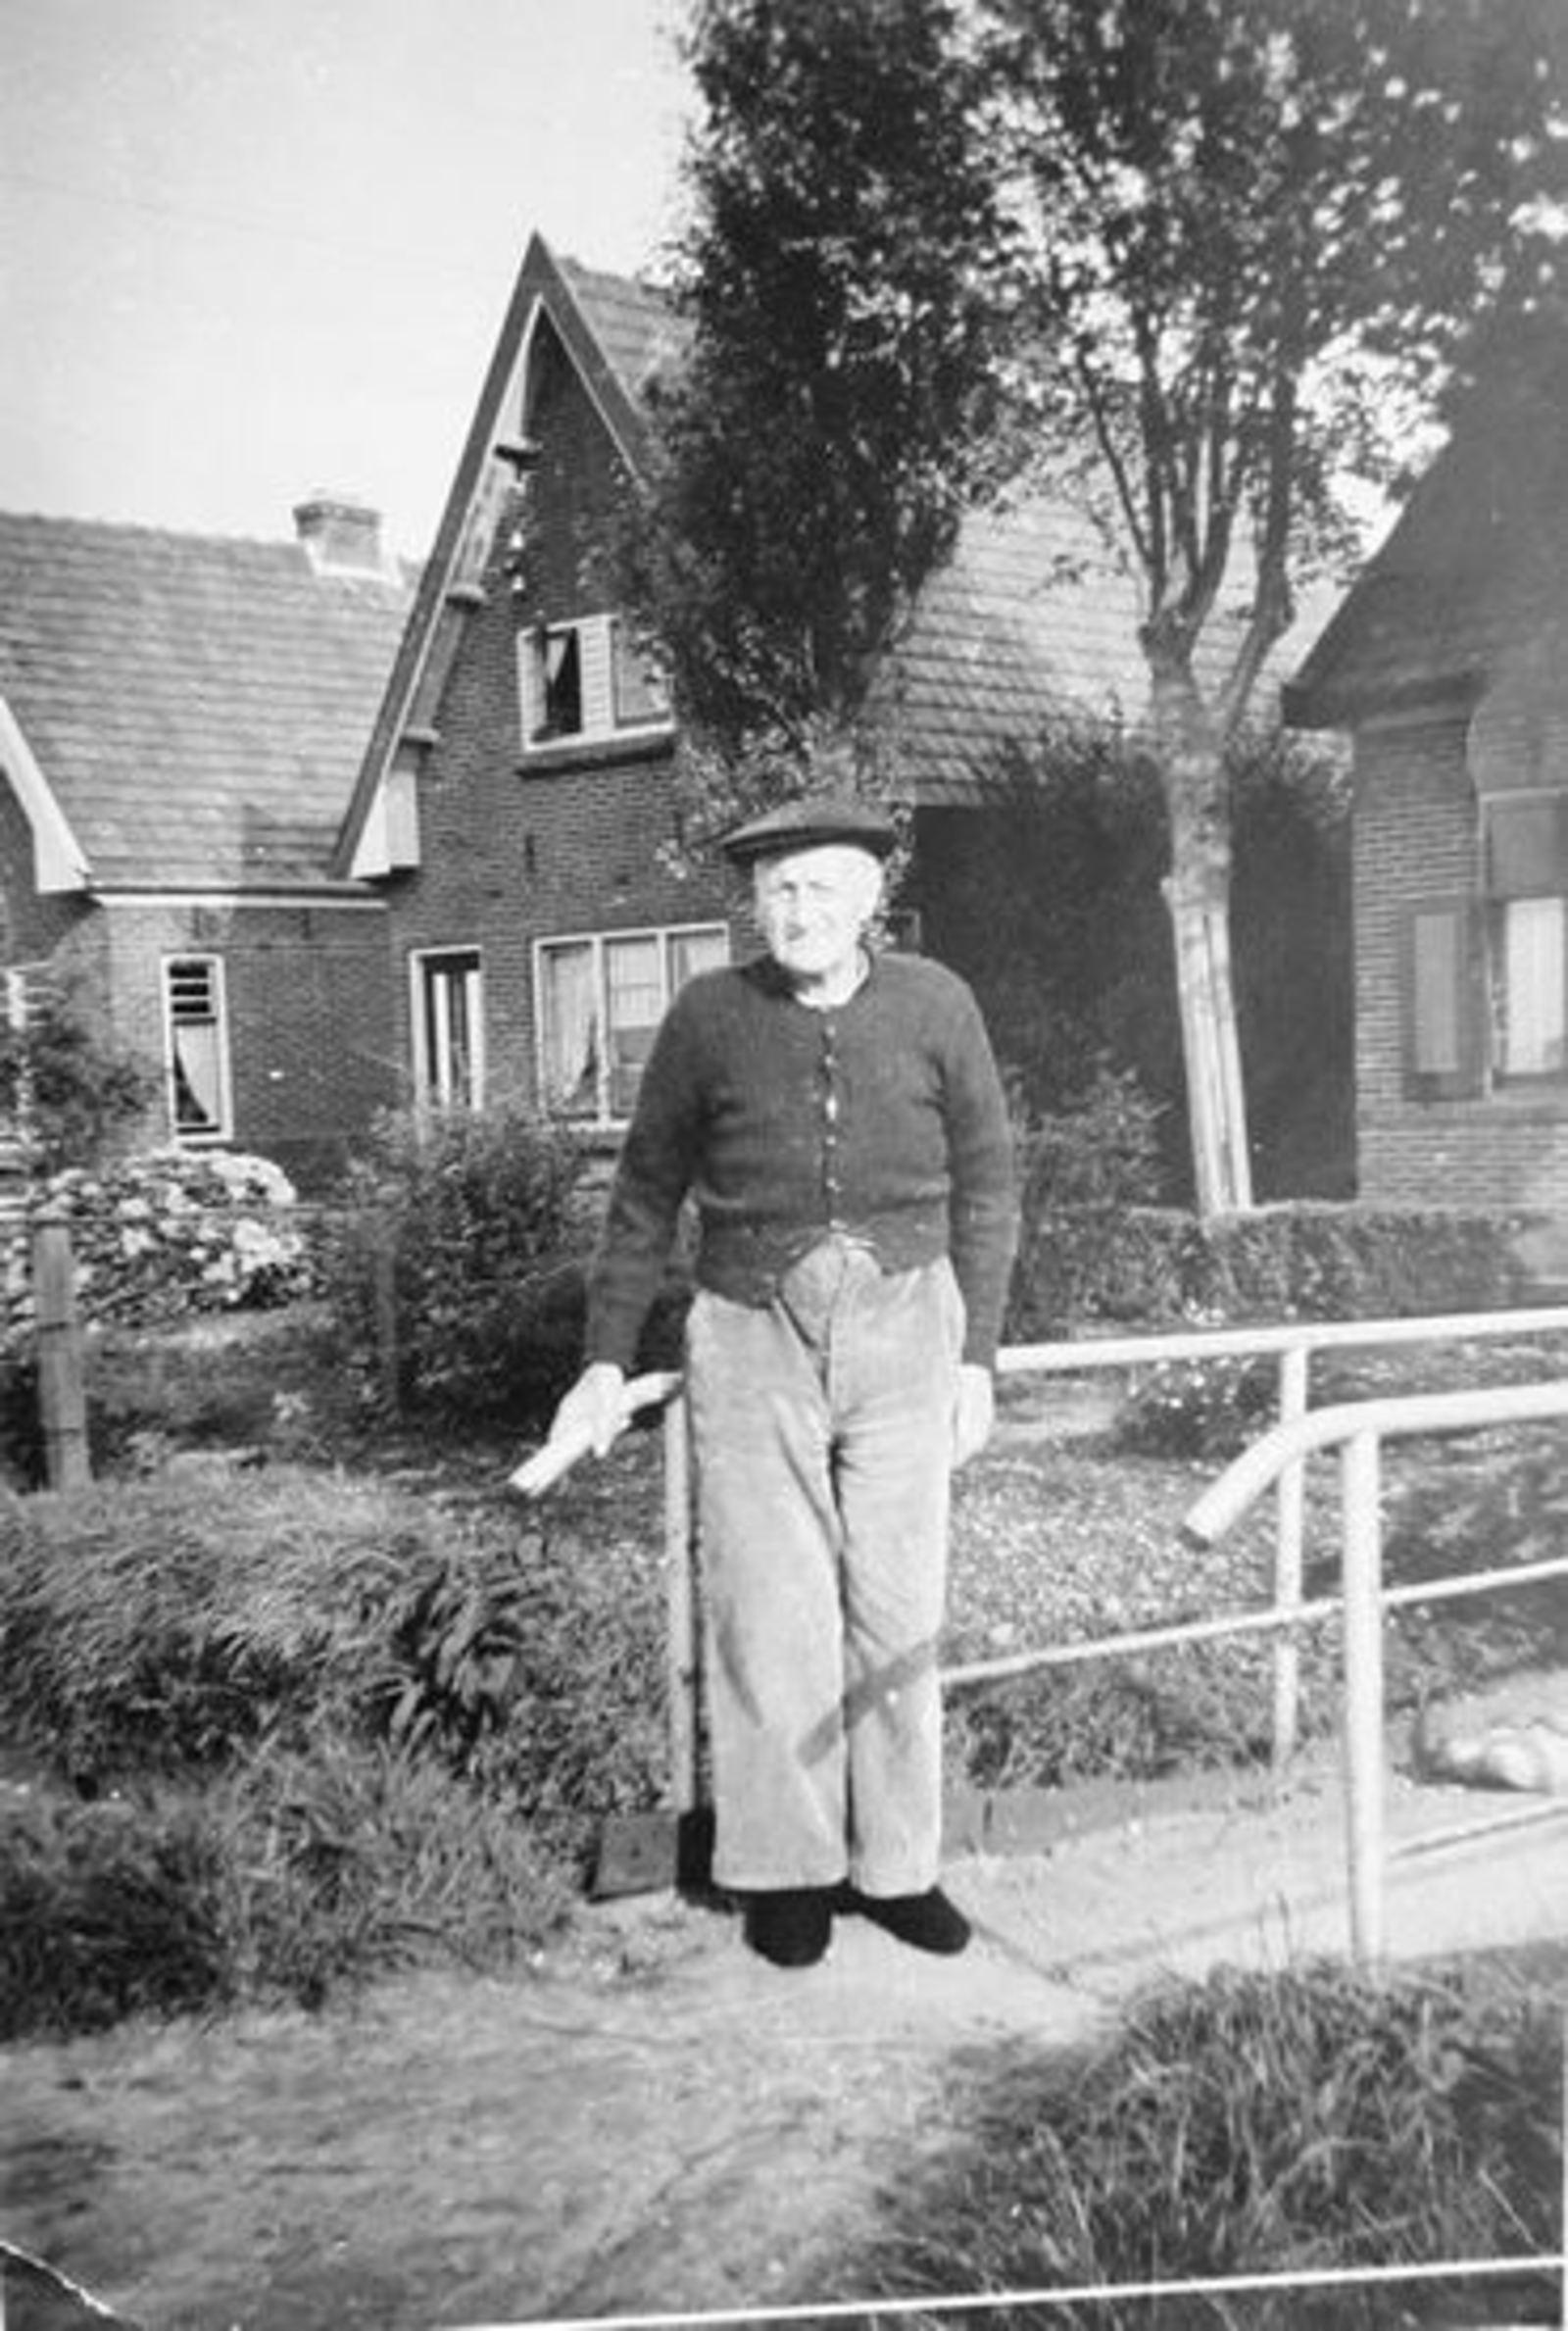 Bijl Jacobus W 19__ voor Huis Aalsmeerderweg Rijk